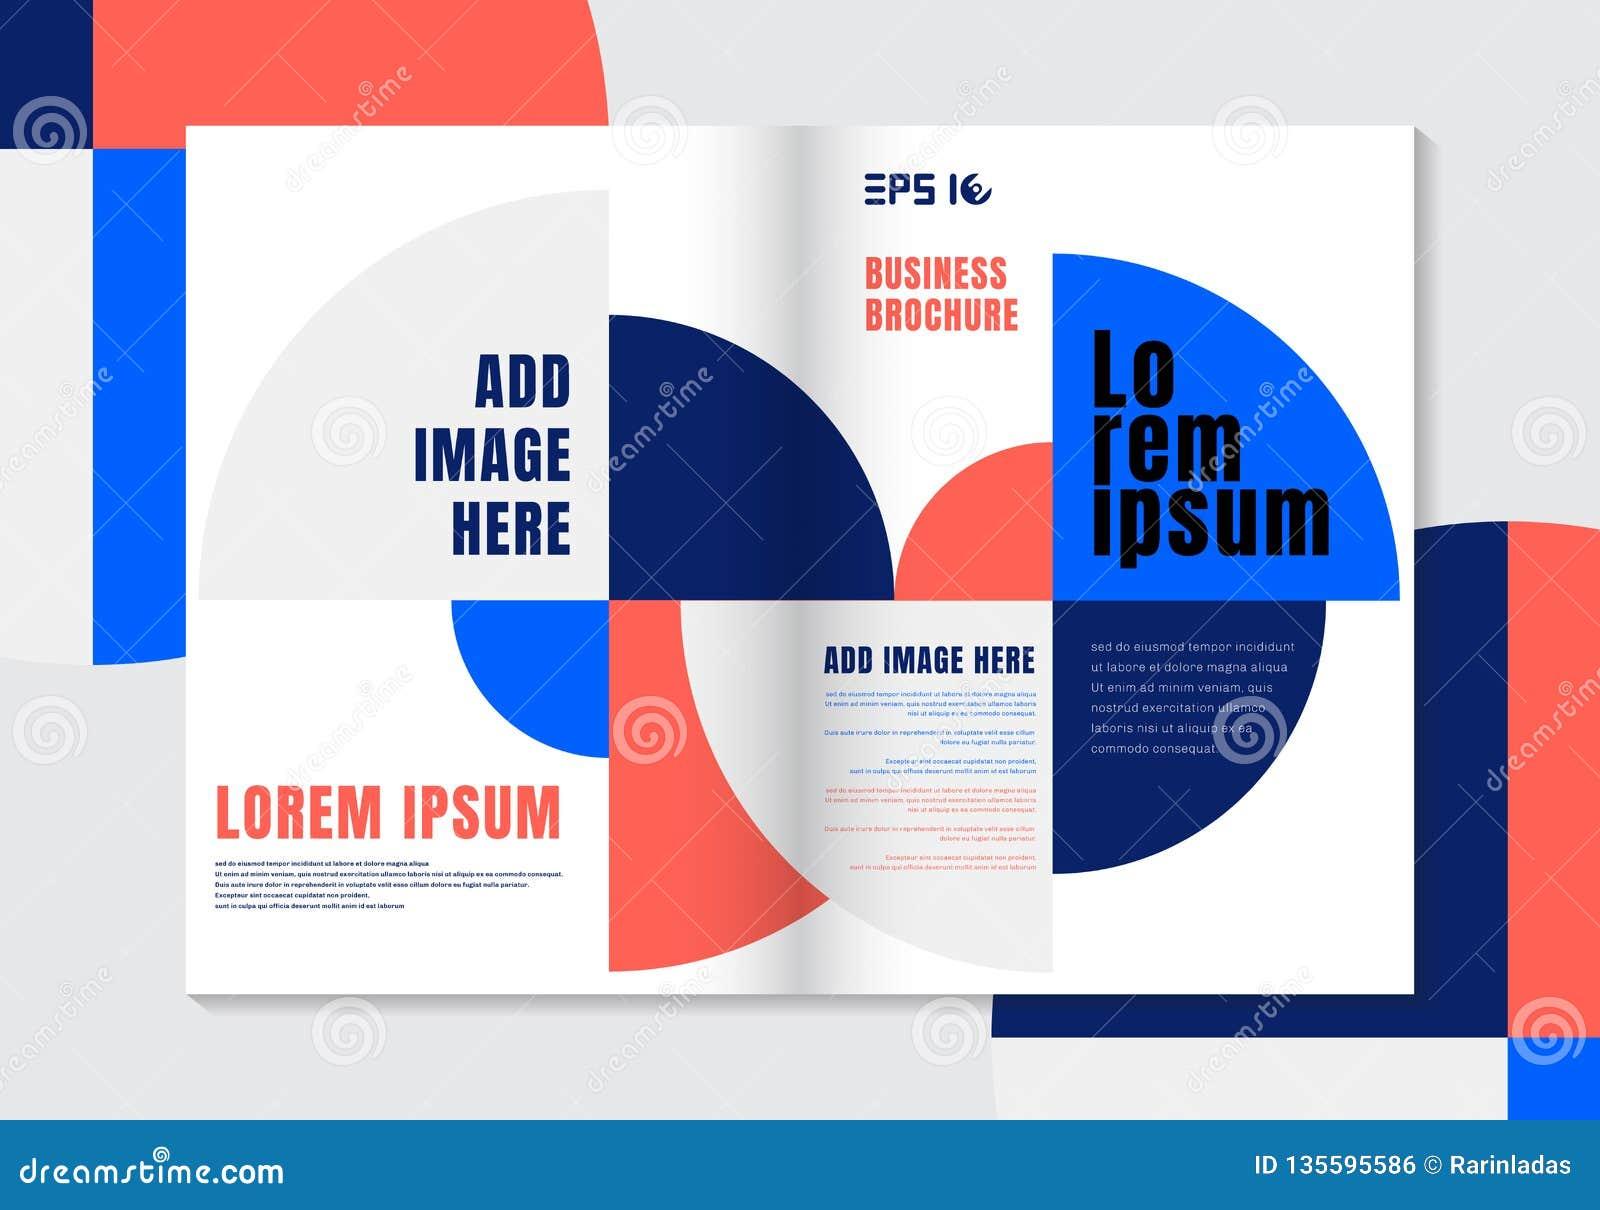 Fondo vivo geométrico del elemento del círculo de color de la plantilla del diseño del folleto